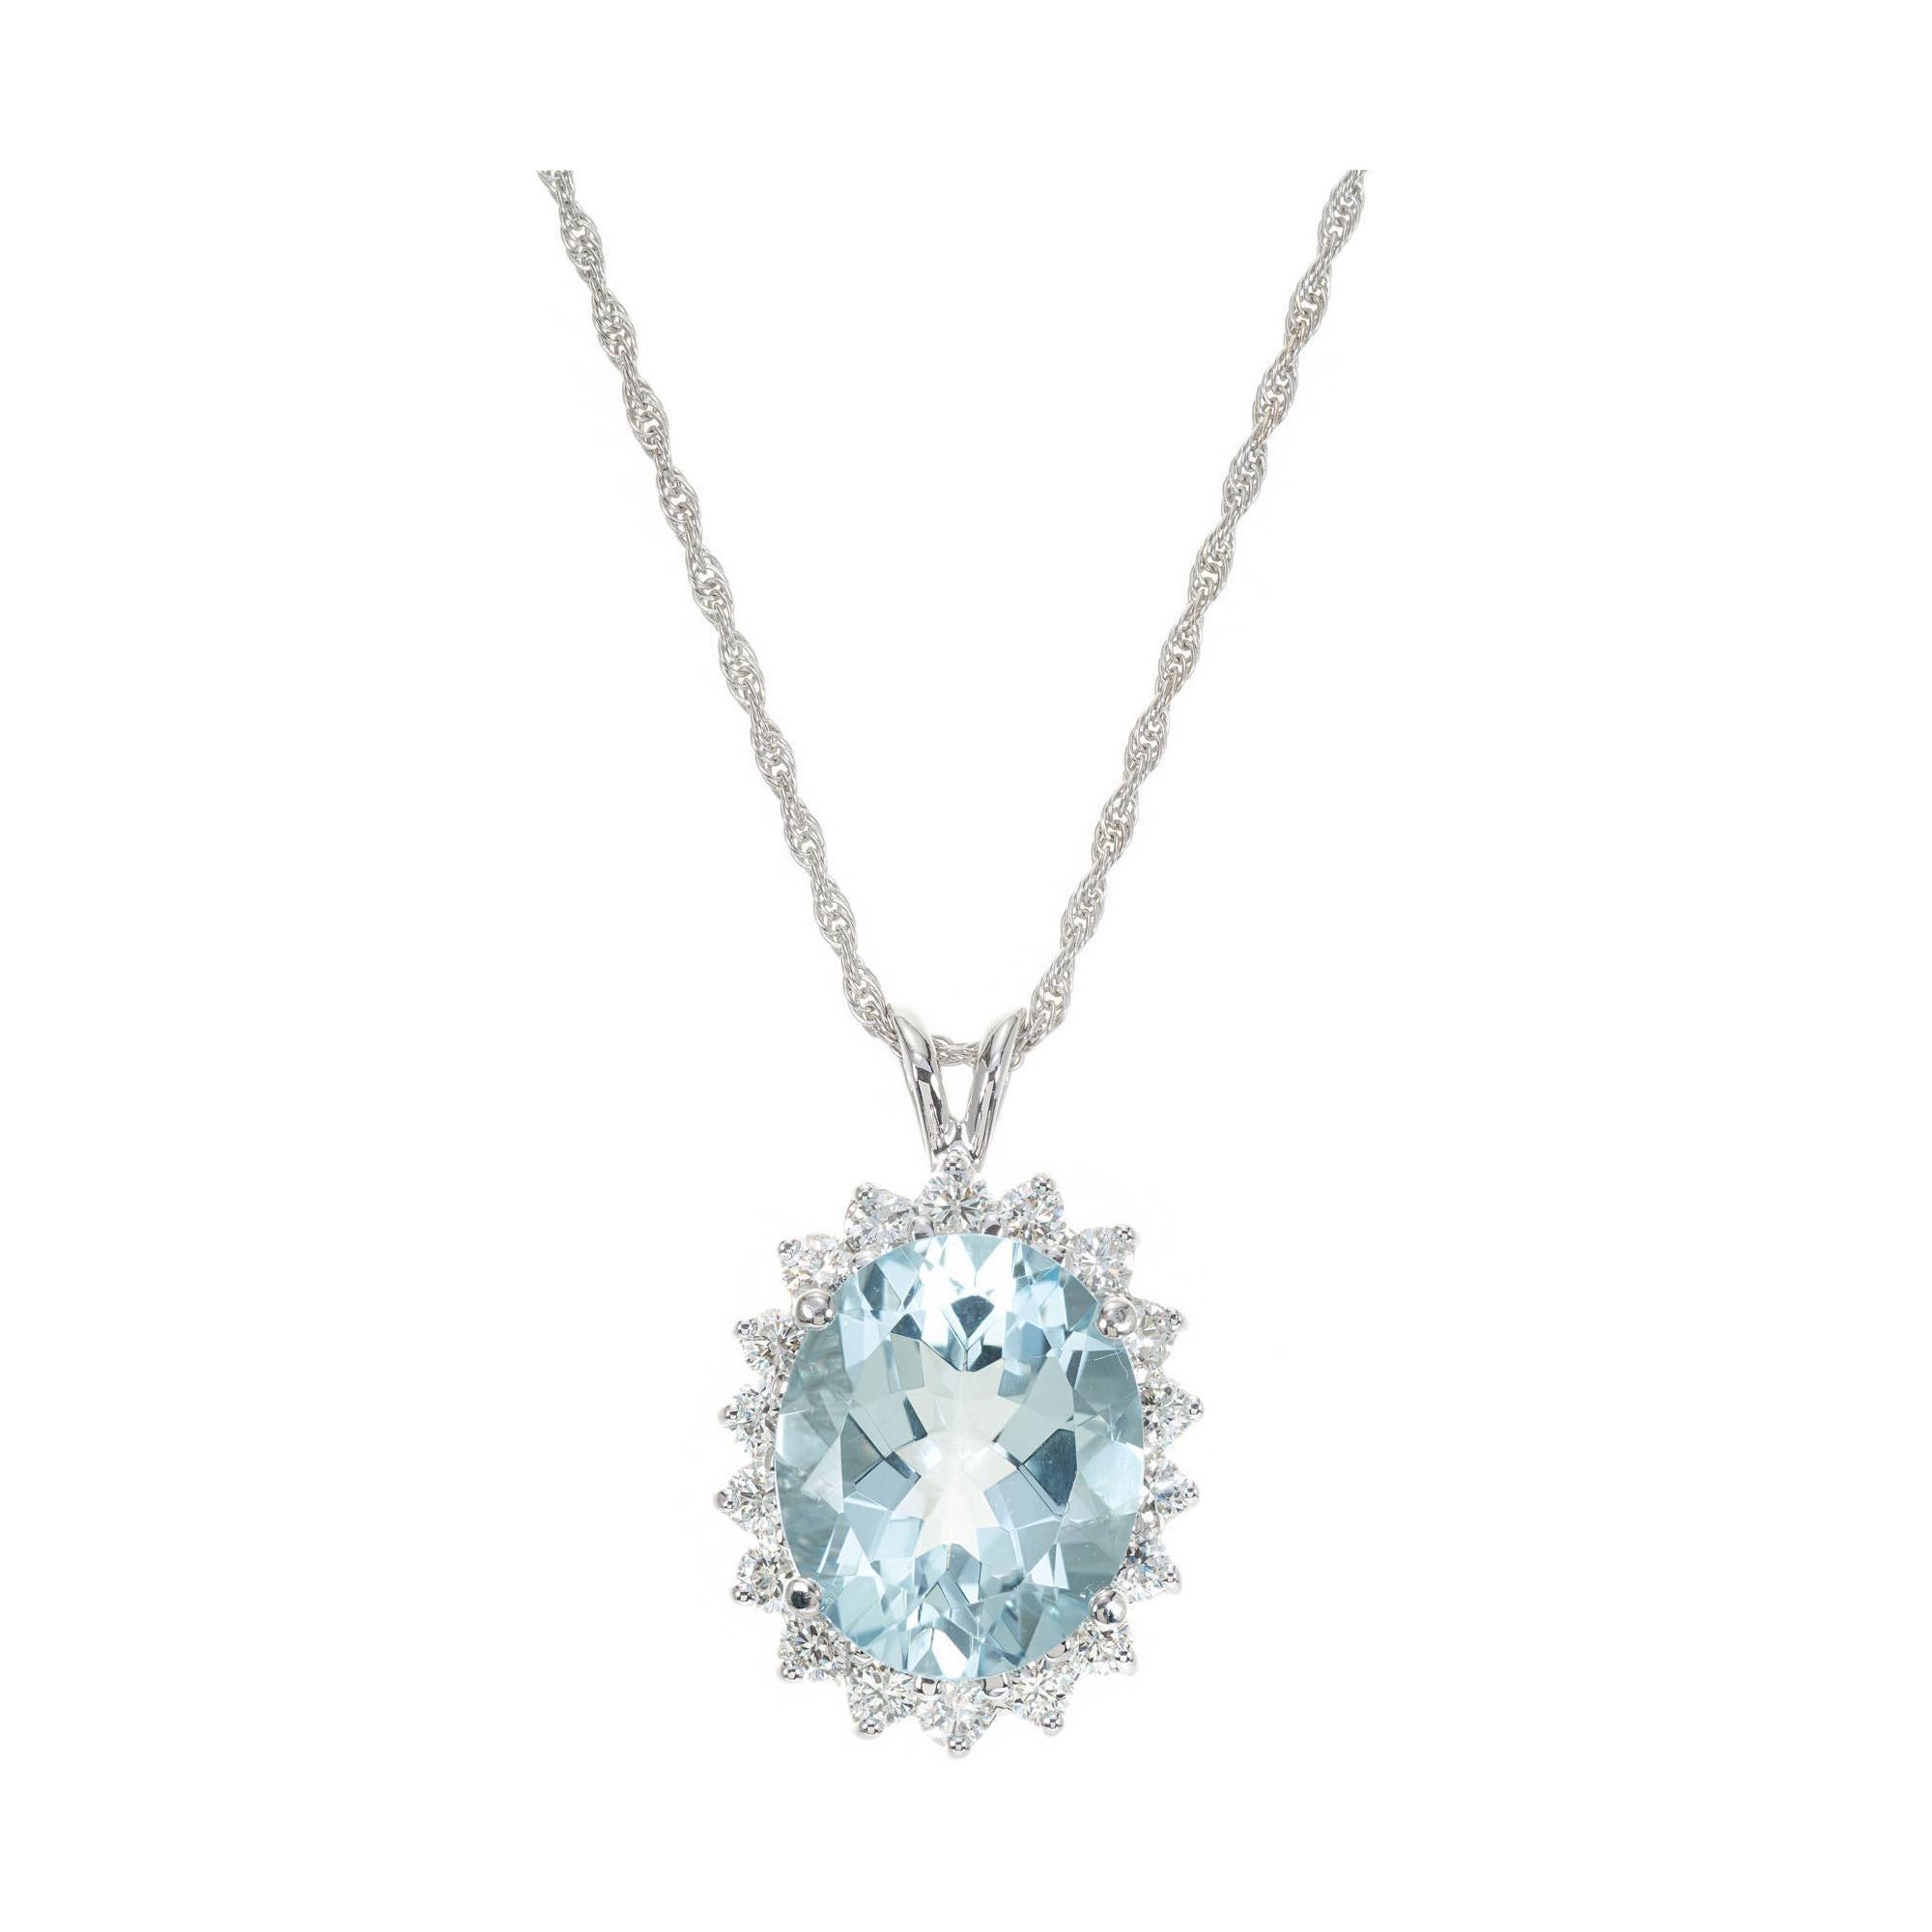 5.50 Carat Aquamarine Diamond White Gold Pendant Necklace